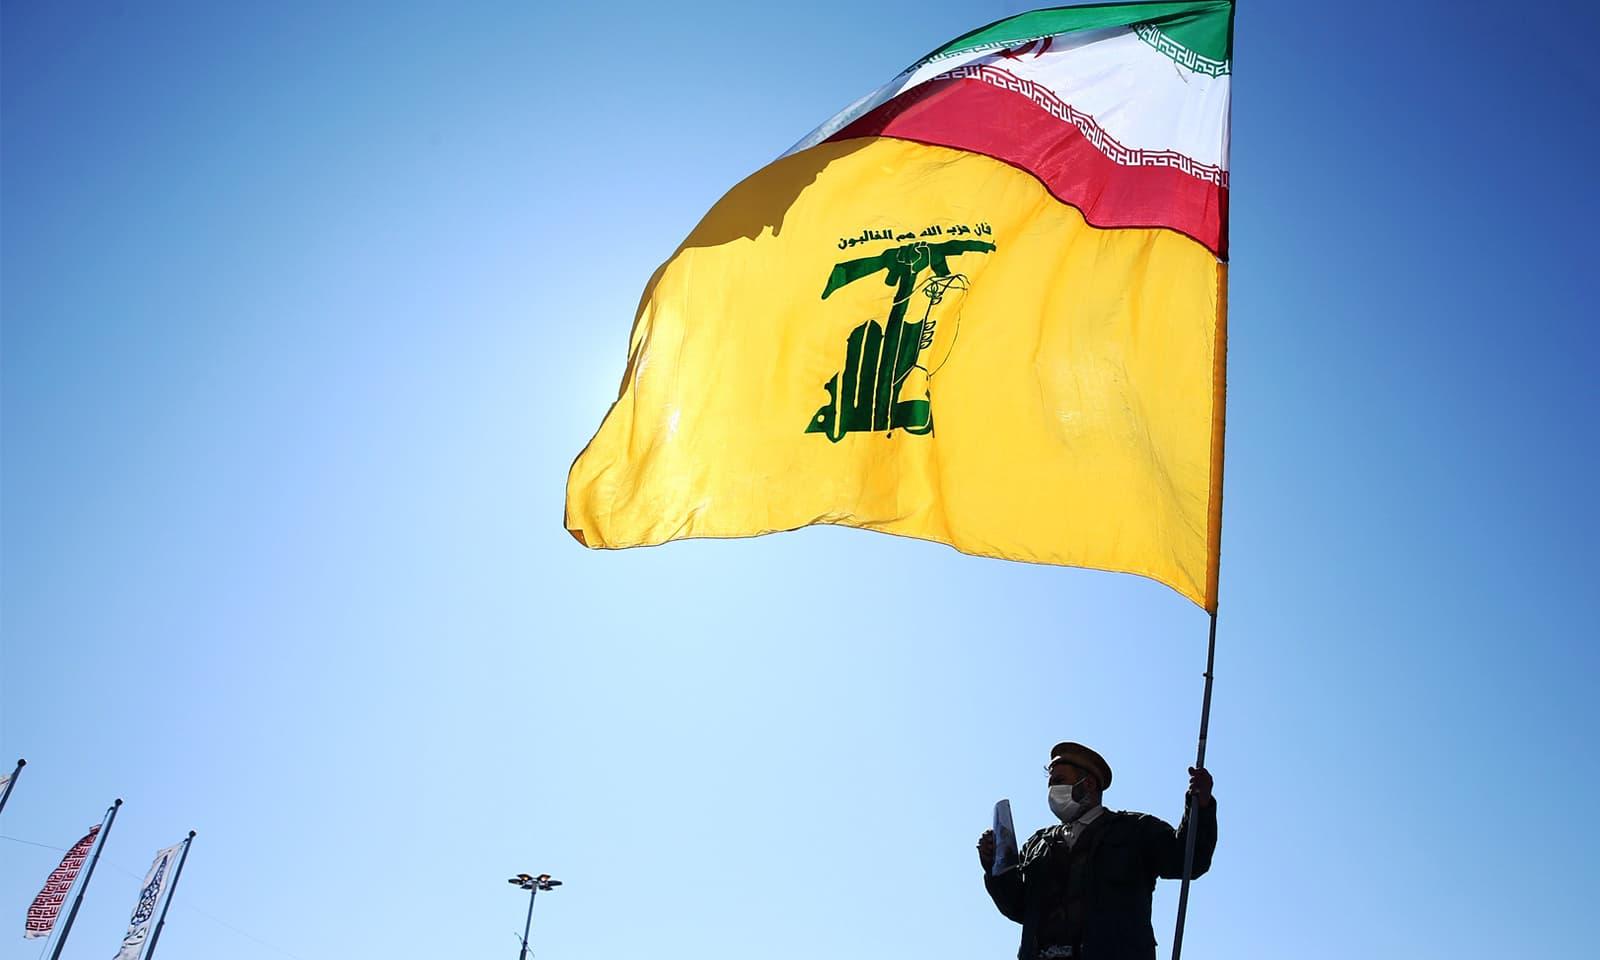 ایک شخص ایران کی القدس فورس کا جھنڈا تھامے کھڑا ہے—فوٹو: رائٹرز